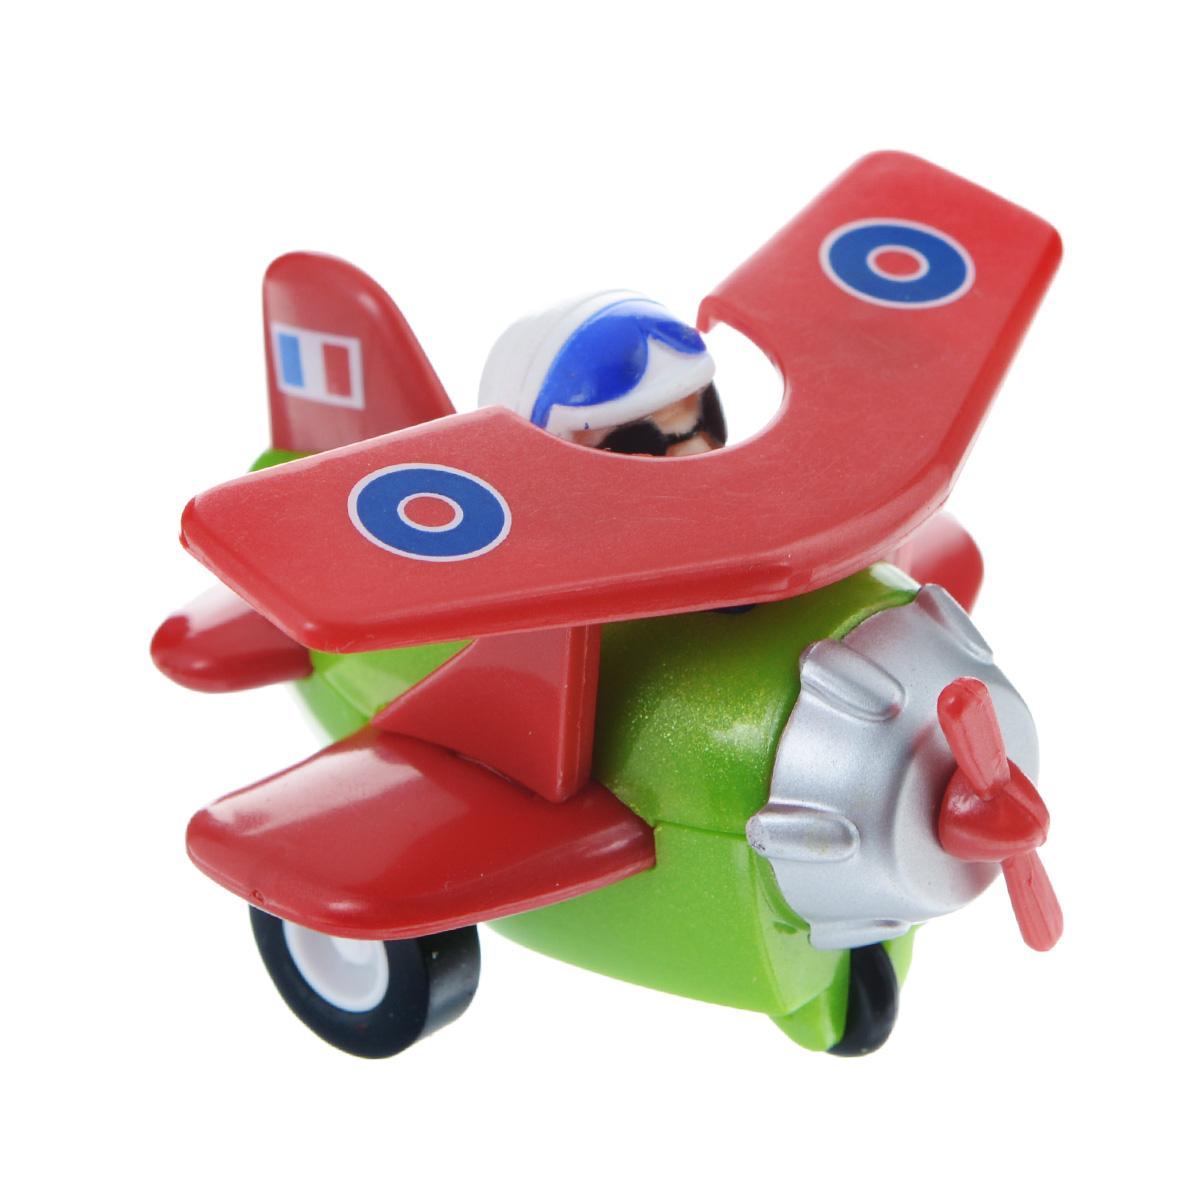 Hans Самолет инерционный цвет красный зеленый hans